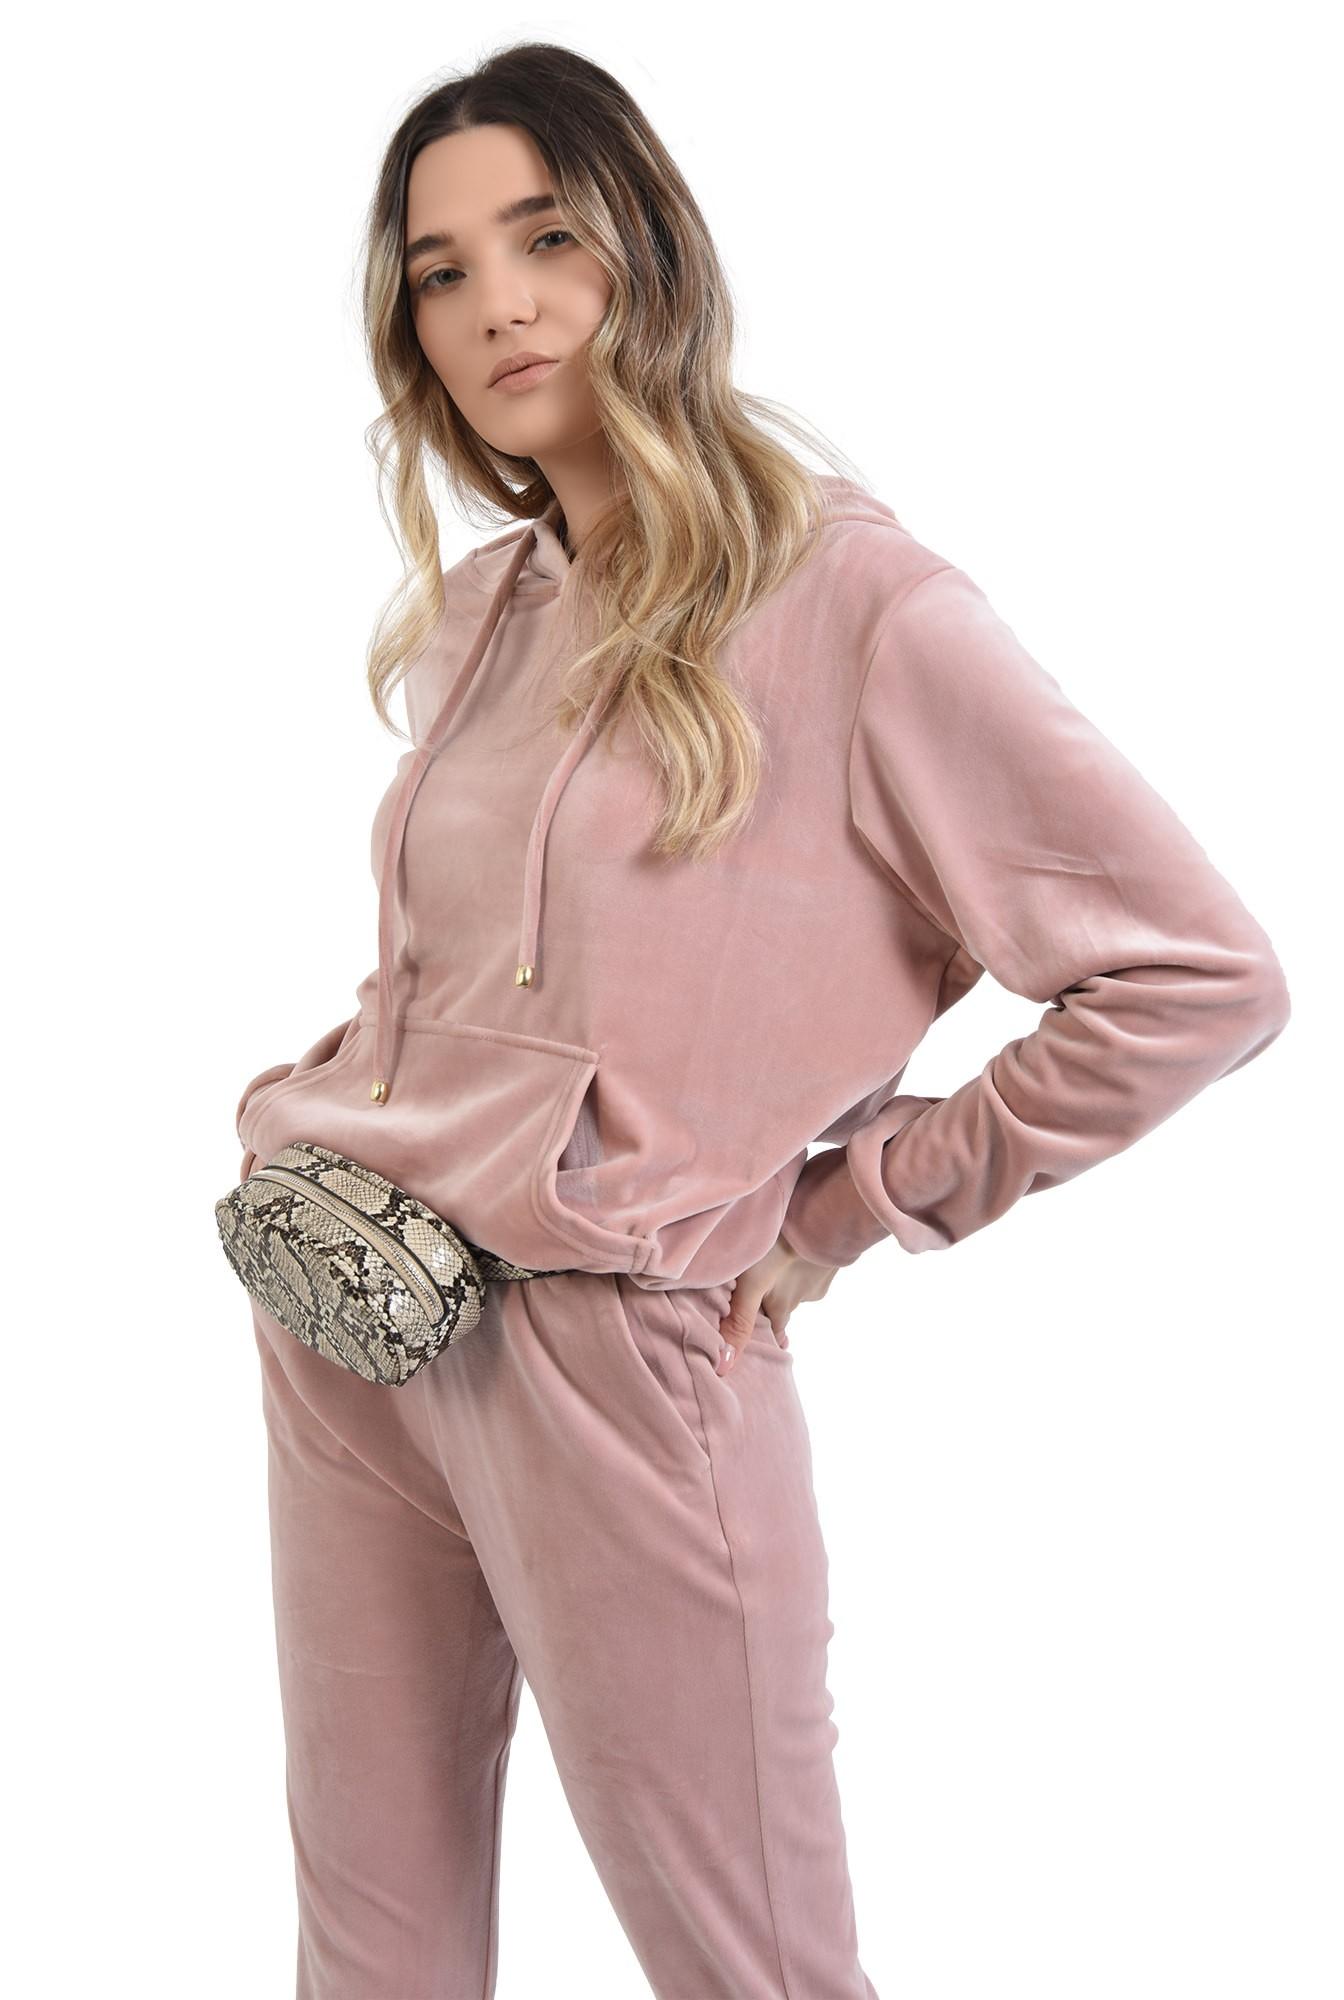 360 - pantaloni roz, din catifea, cu buzunare